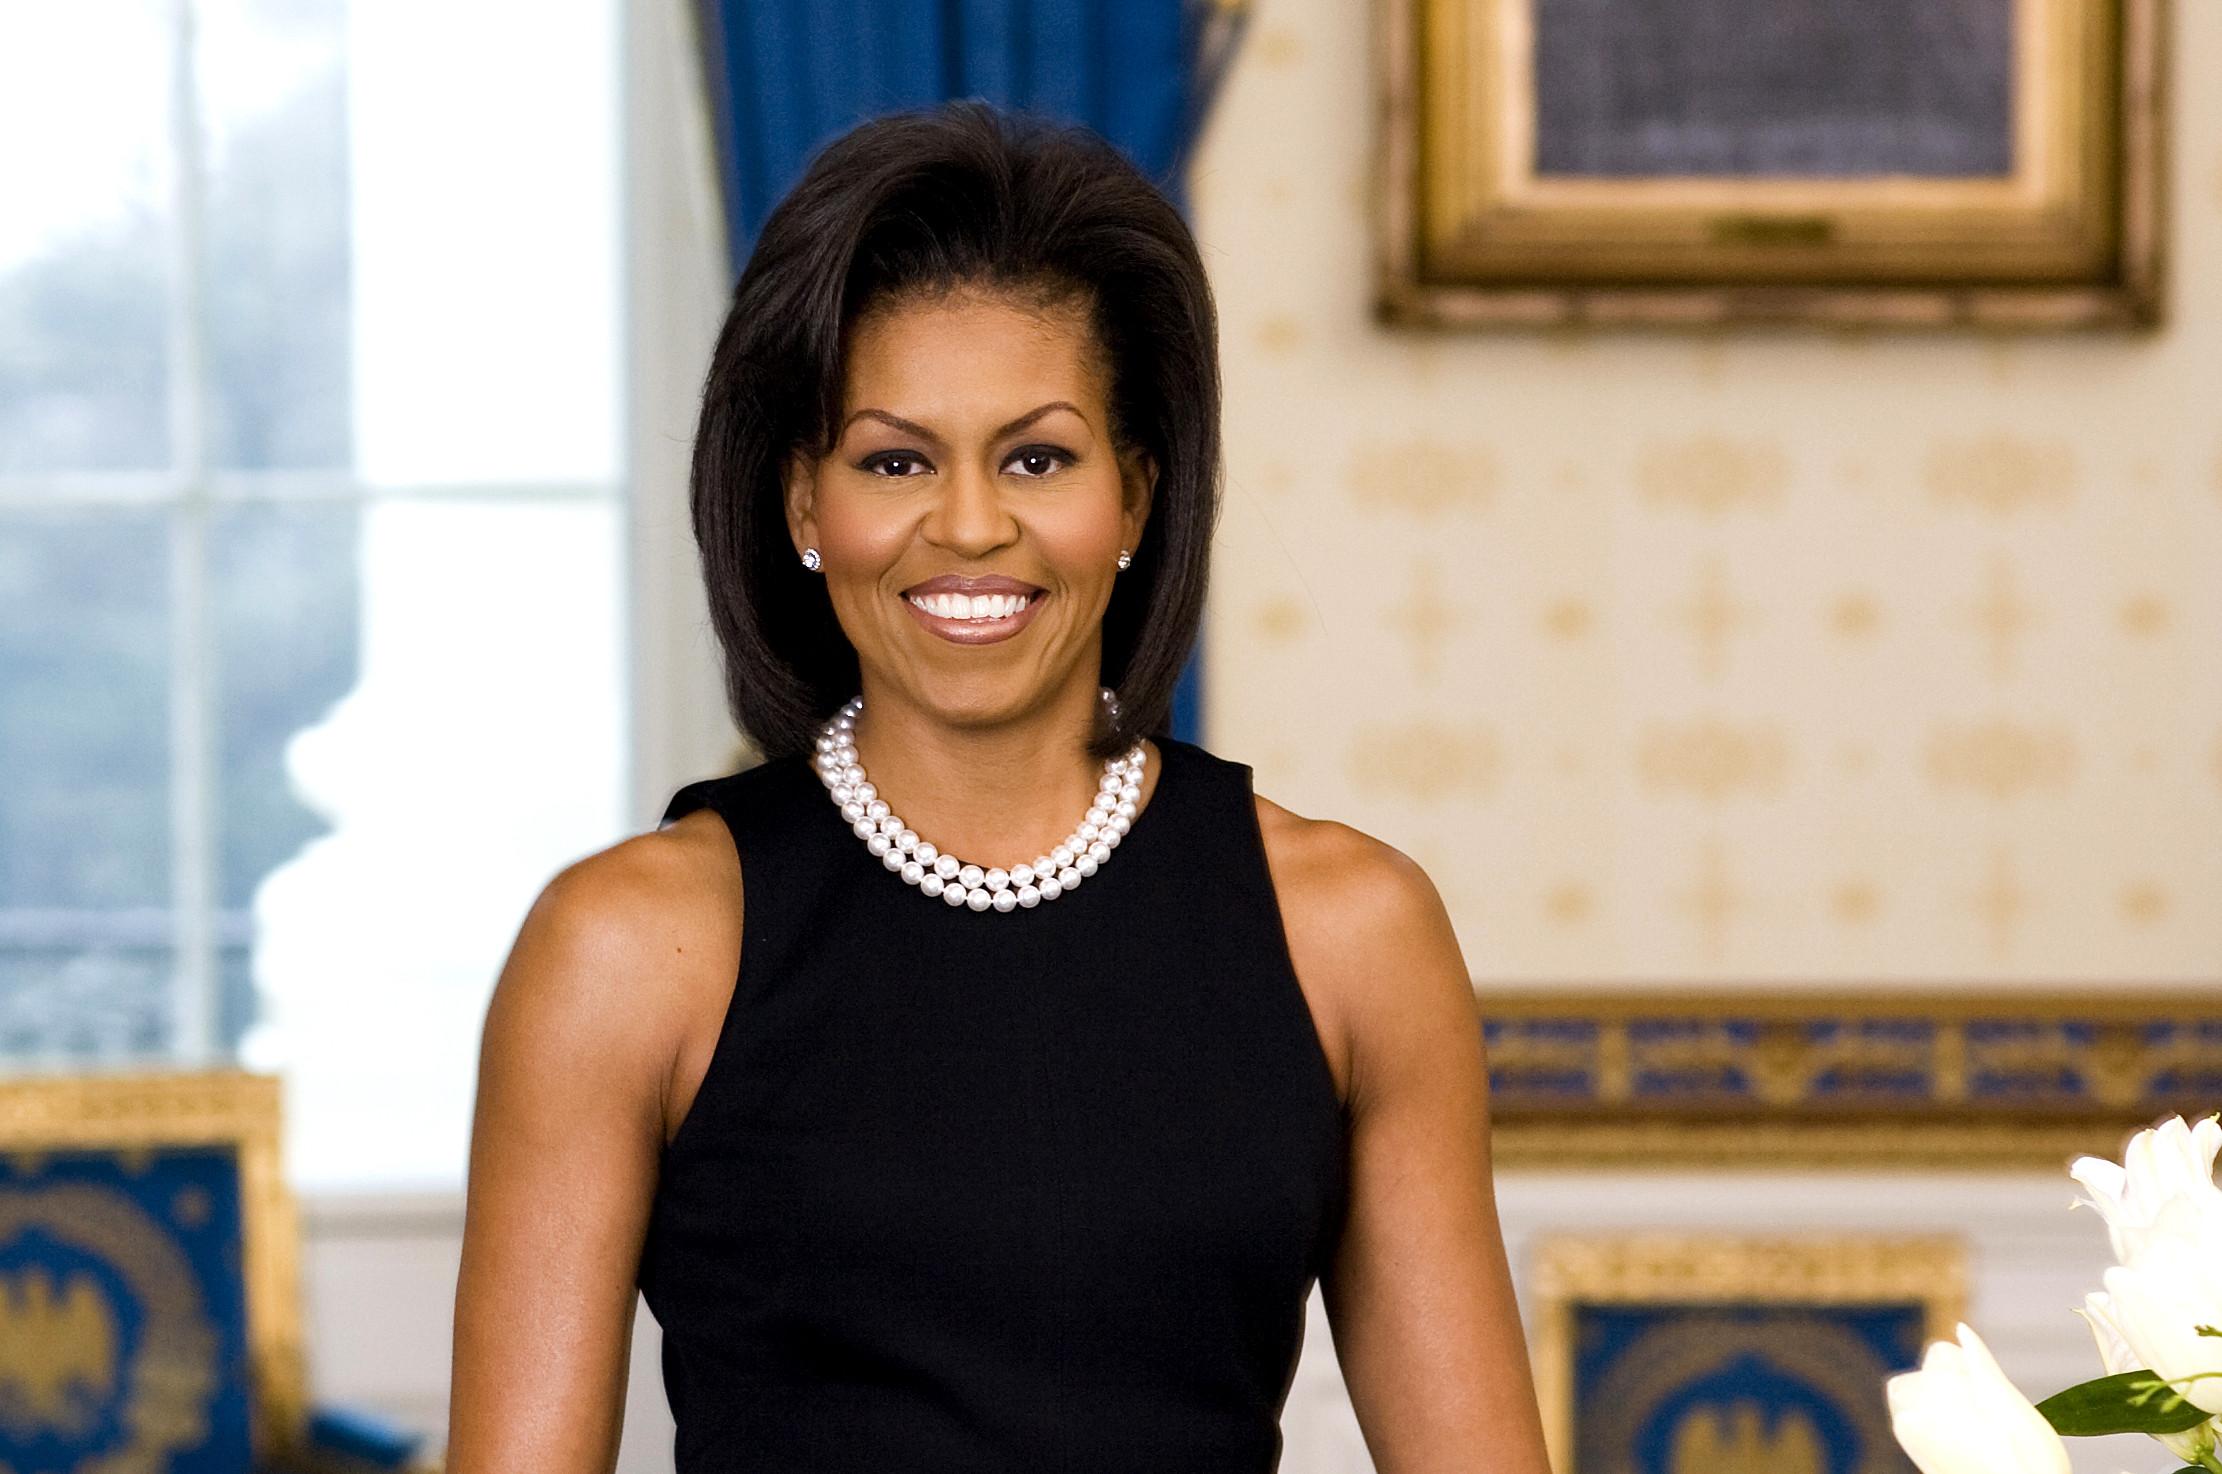 Первое официальное фото Мишель Обамы. Фото: the-toast.net